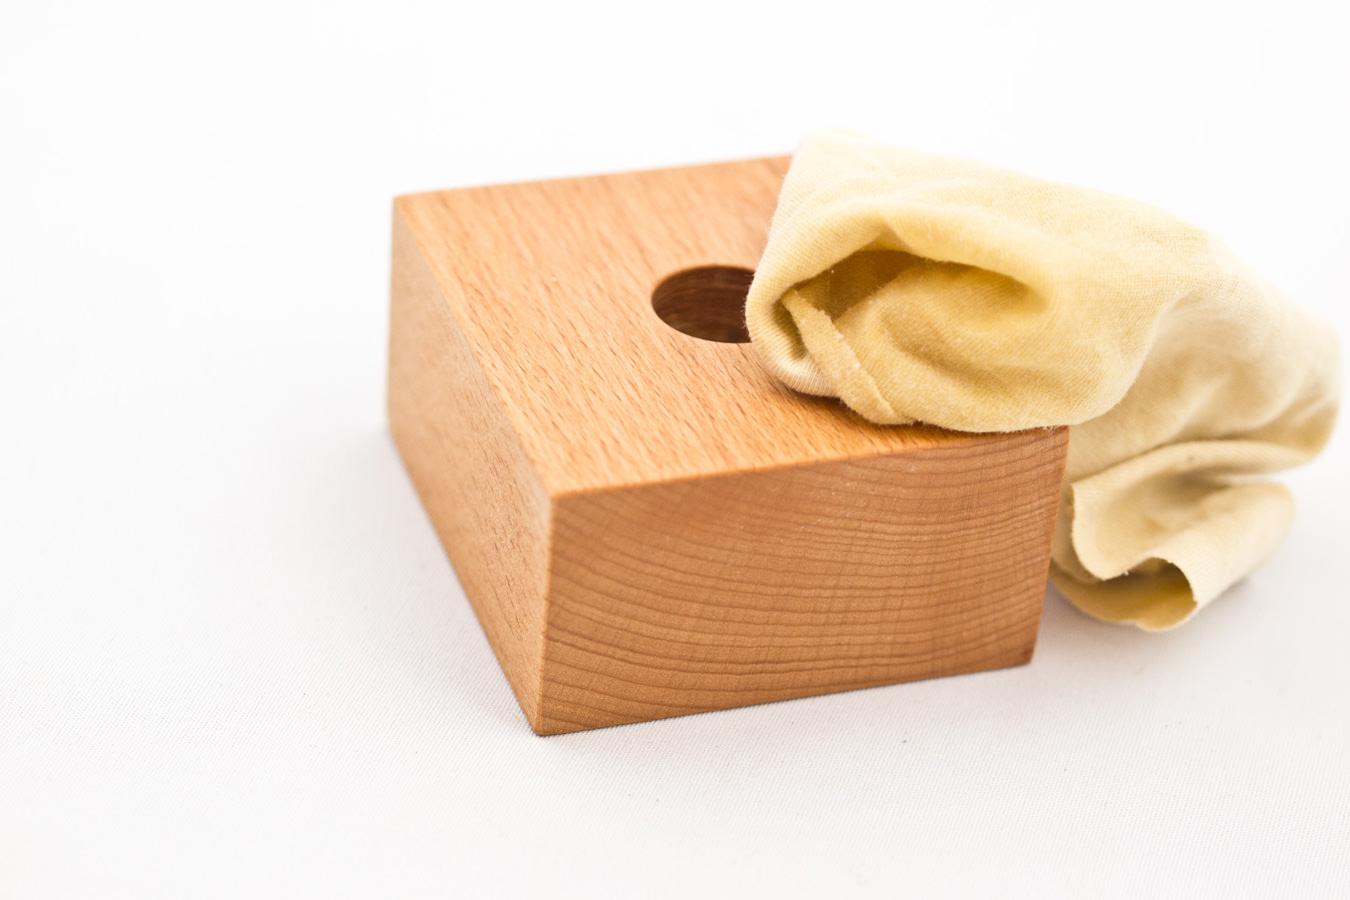 Unsere Anleitung zur Holzpflege mit Öl